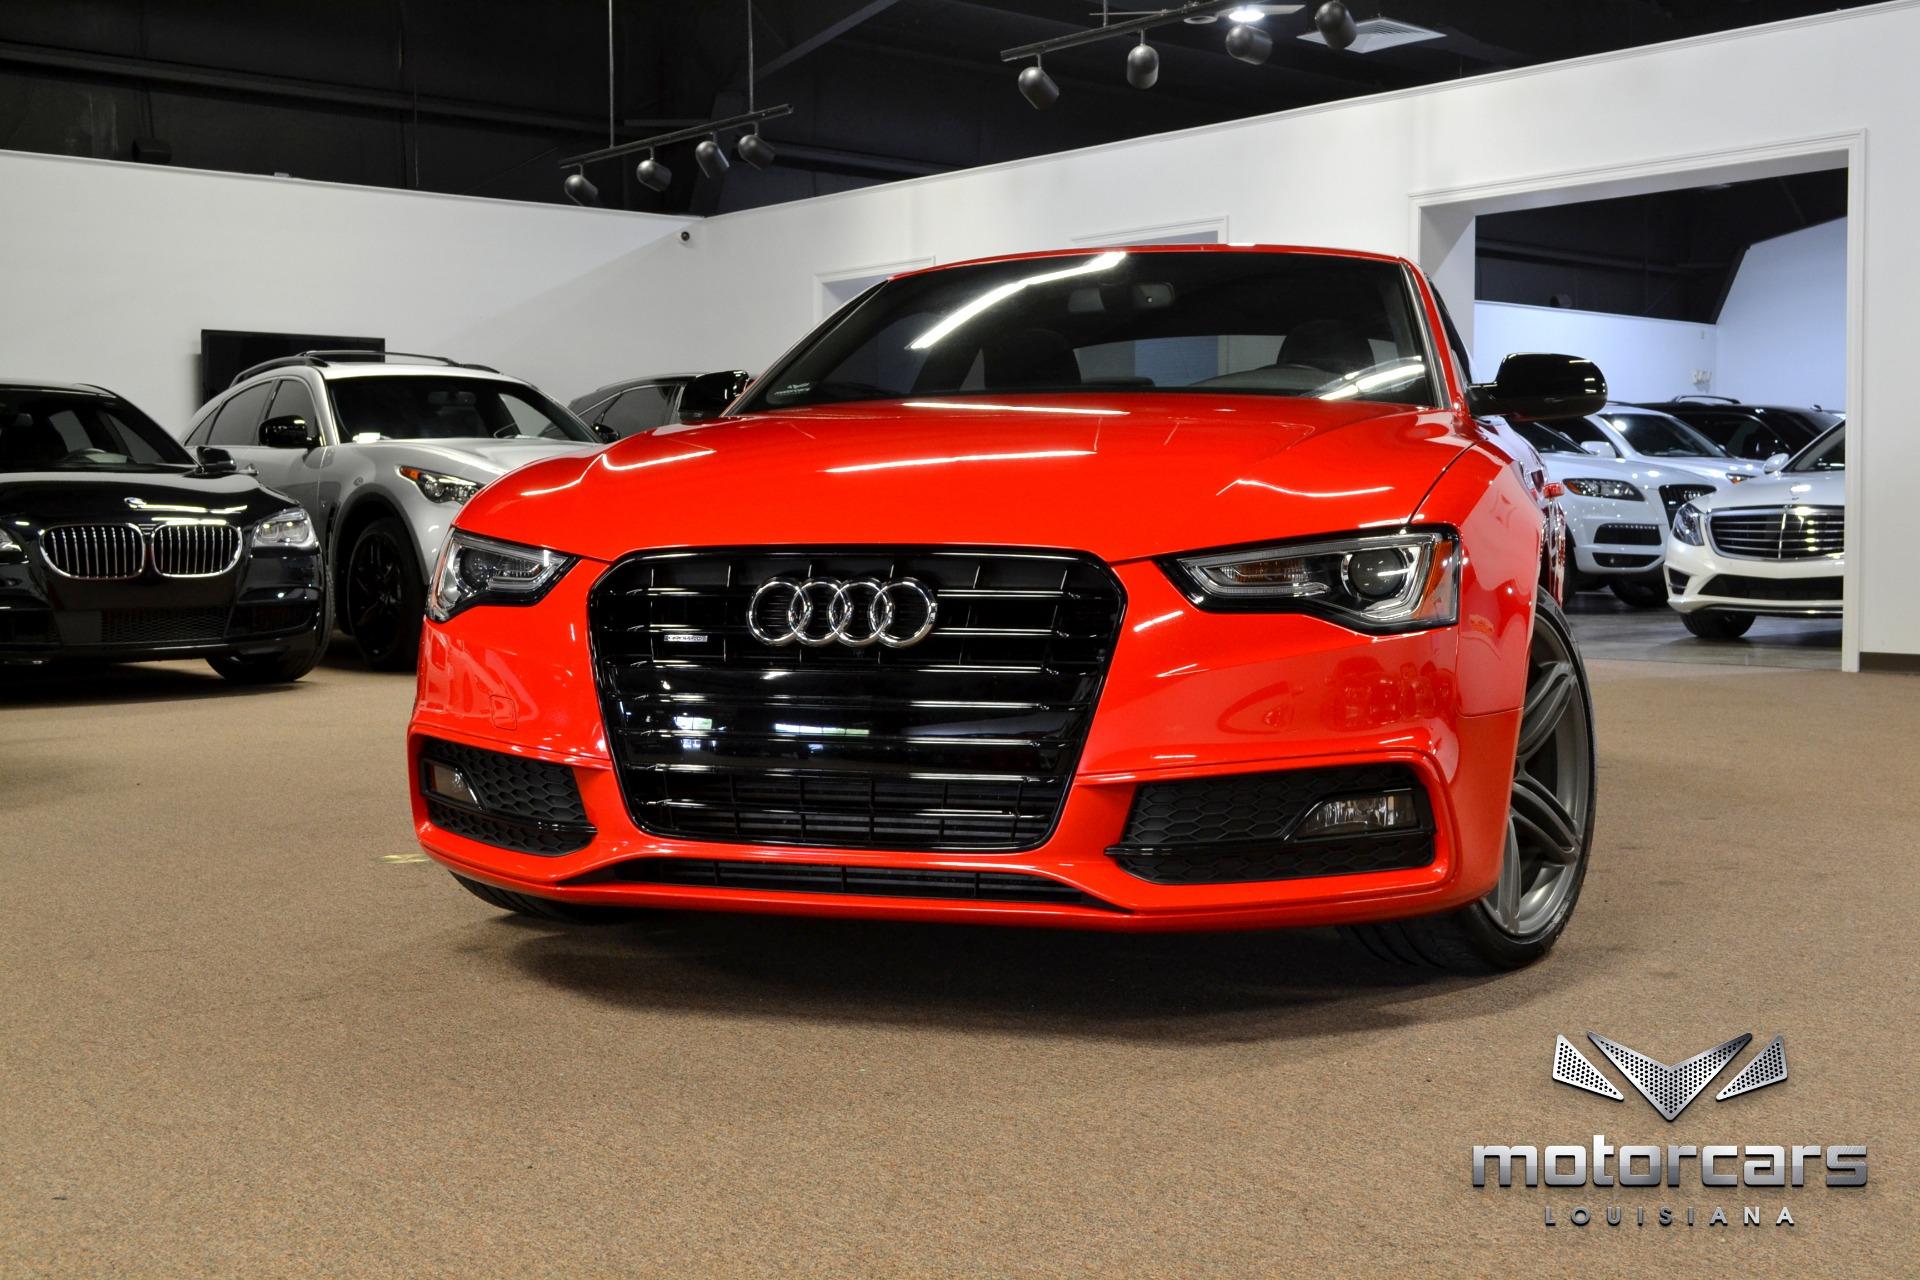 Kelebihan Kekurangan Audi A5 2.0 Tdi Murah Berkualitas